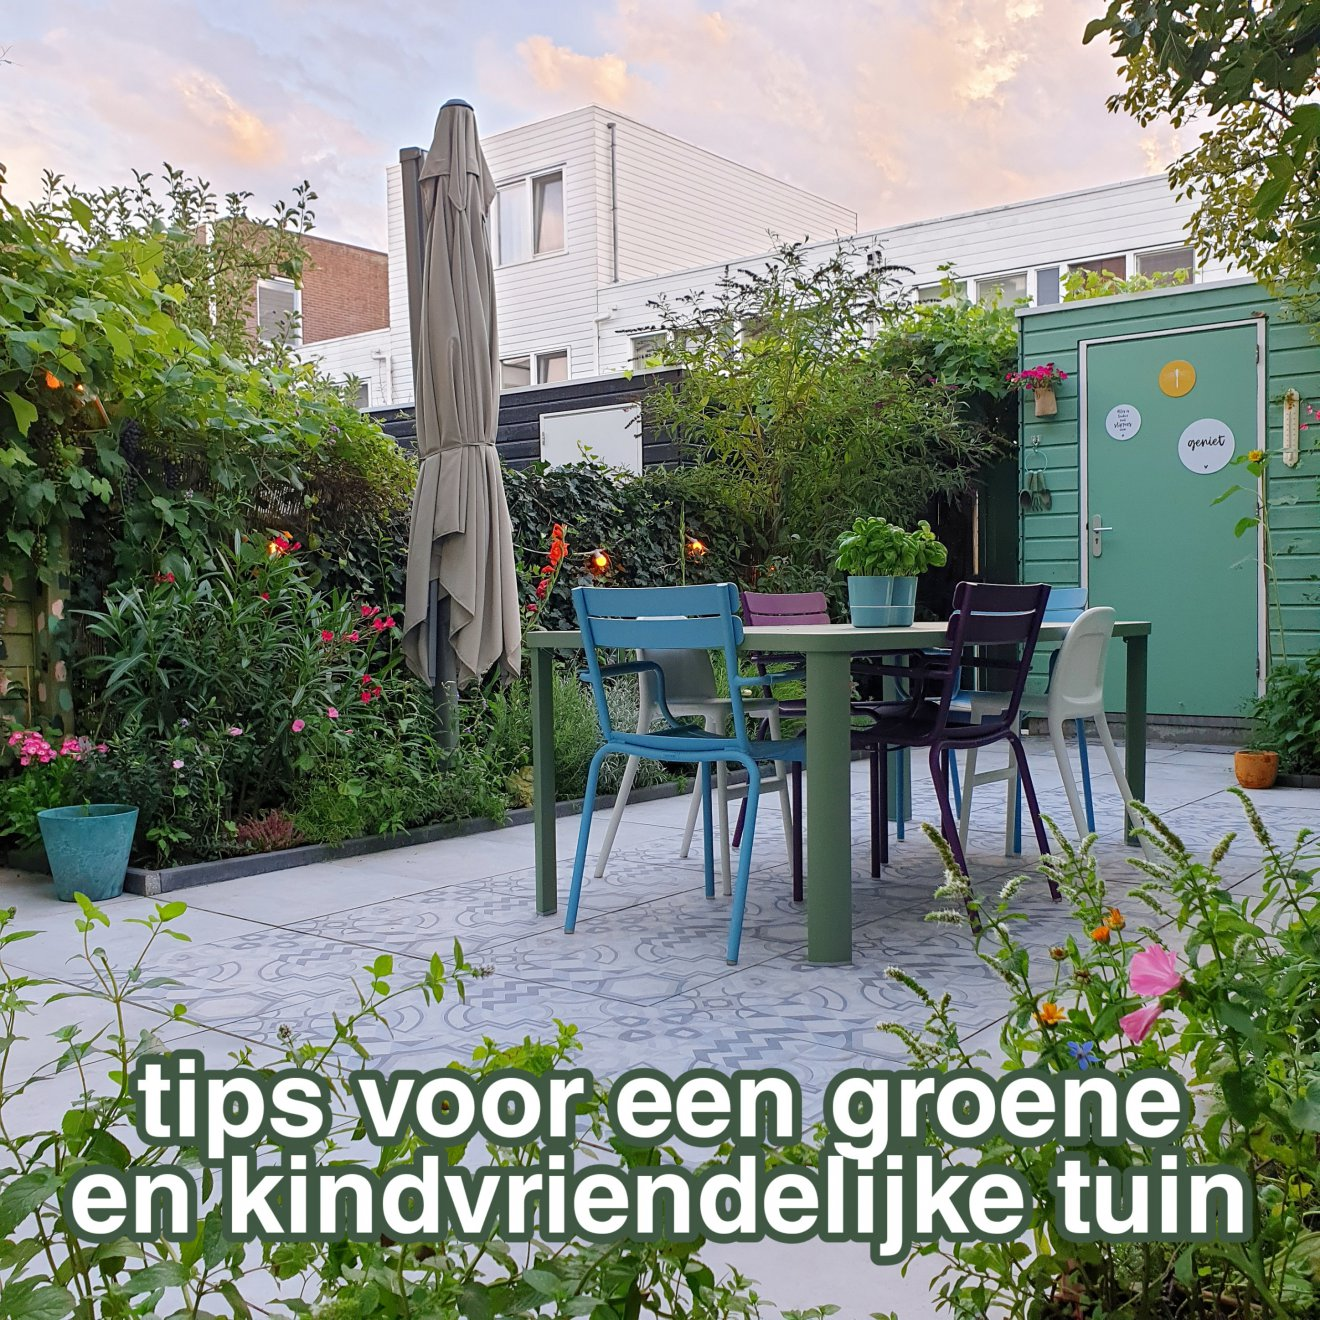 Tips voor een kindvriendelijke, kleurrijke en groenblijvende tuin